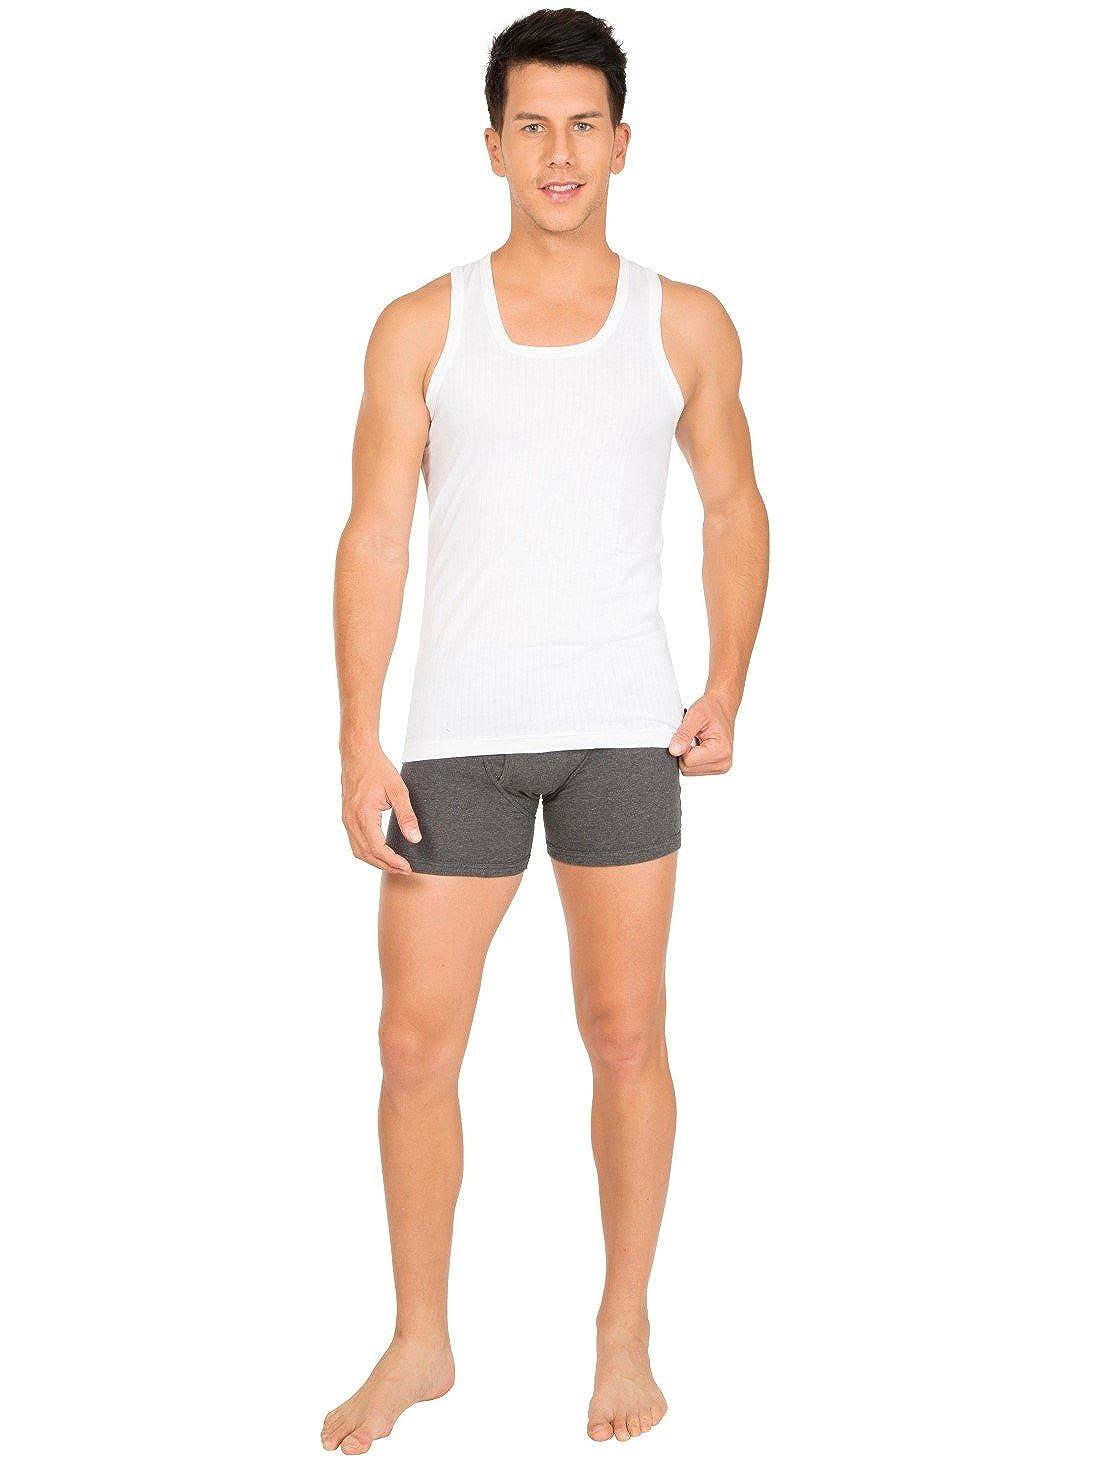 Jockey Sleeveless Men S Cotton Vest Pack Of 4 8816